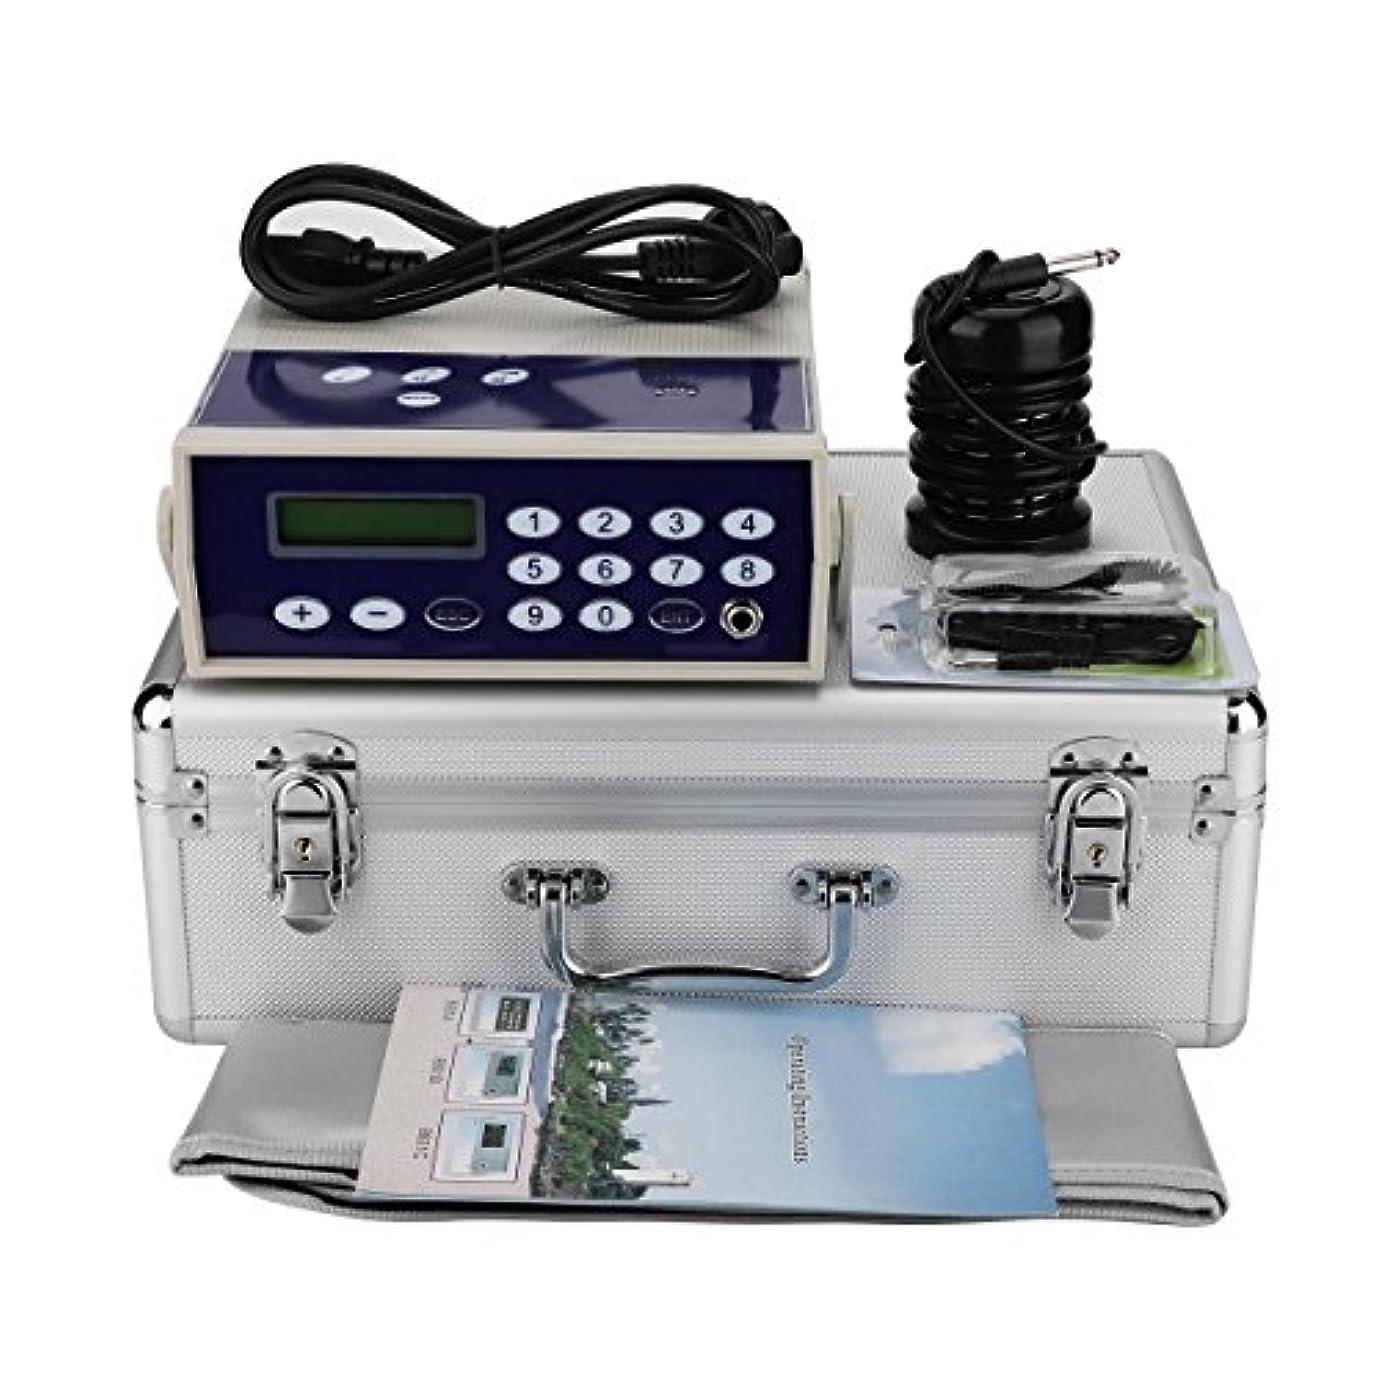 害虫硫黄合金イオンフットバスデトックスシステム-ボディデトックスマシンイオンアレイフットバススパクレンジングイオンウエストベルト解毒(110V USプラグ)